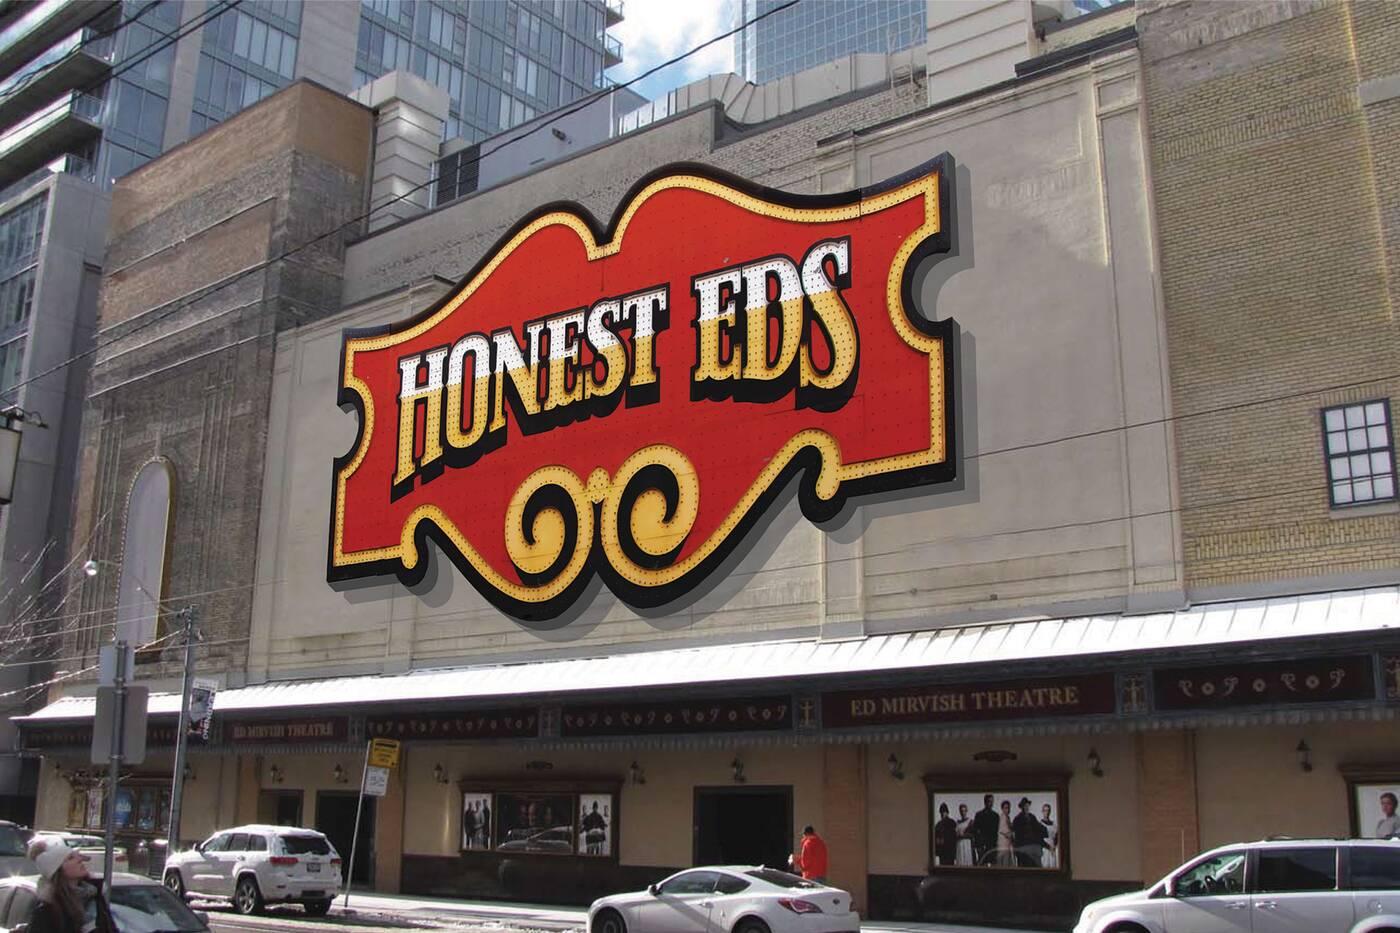 honest eds sign